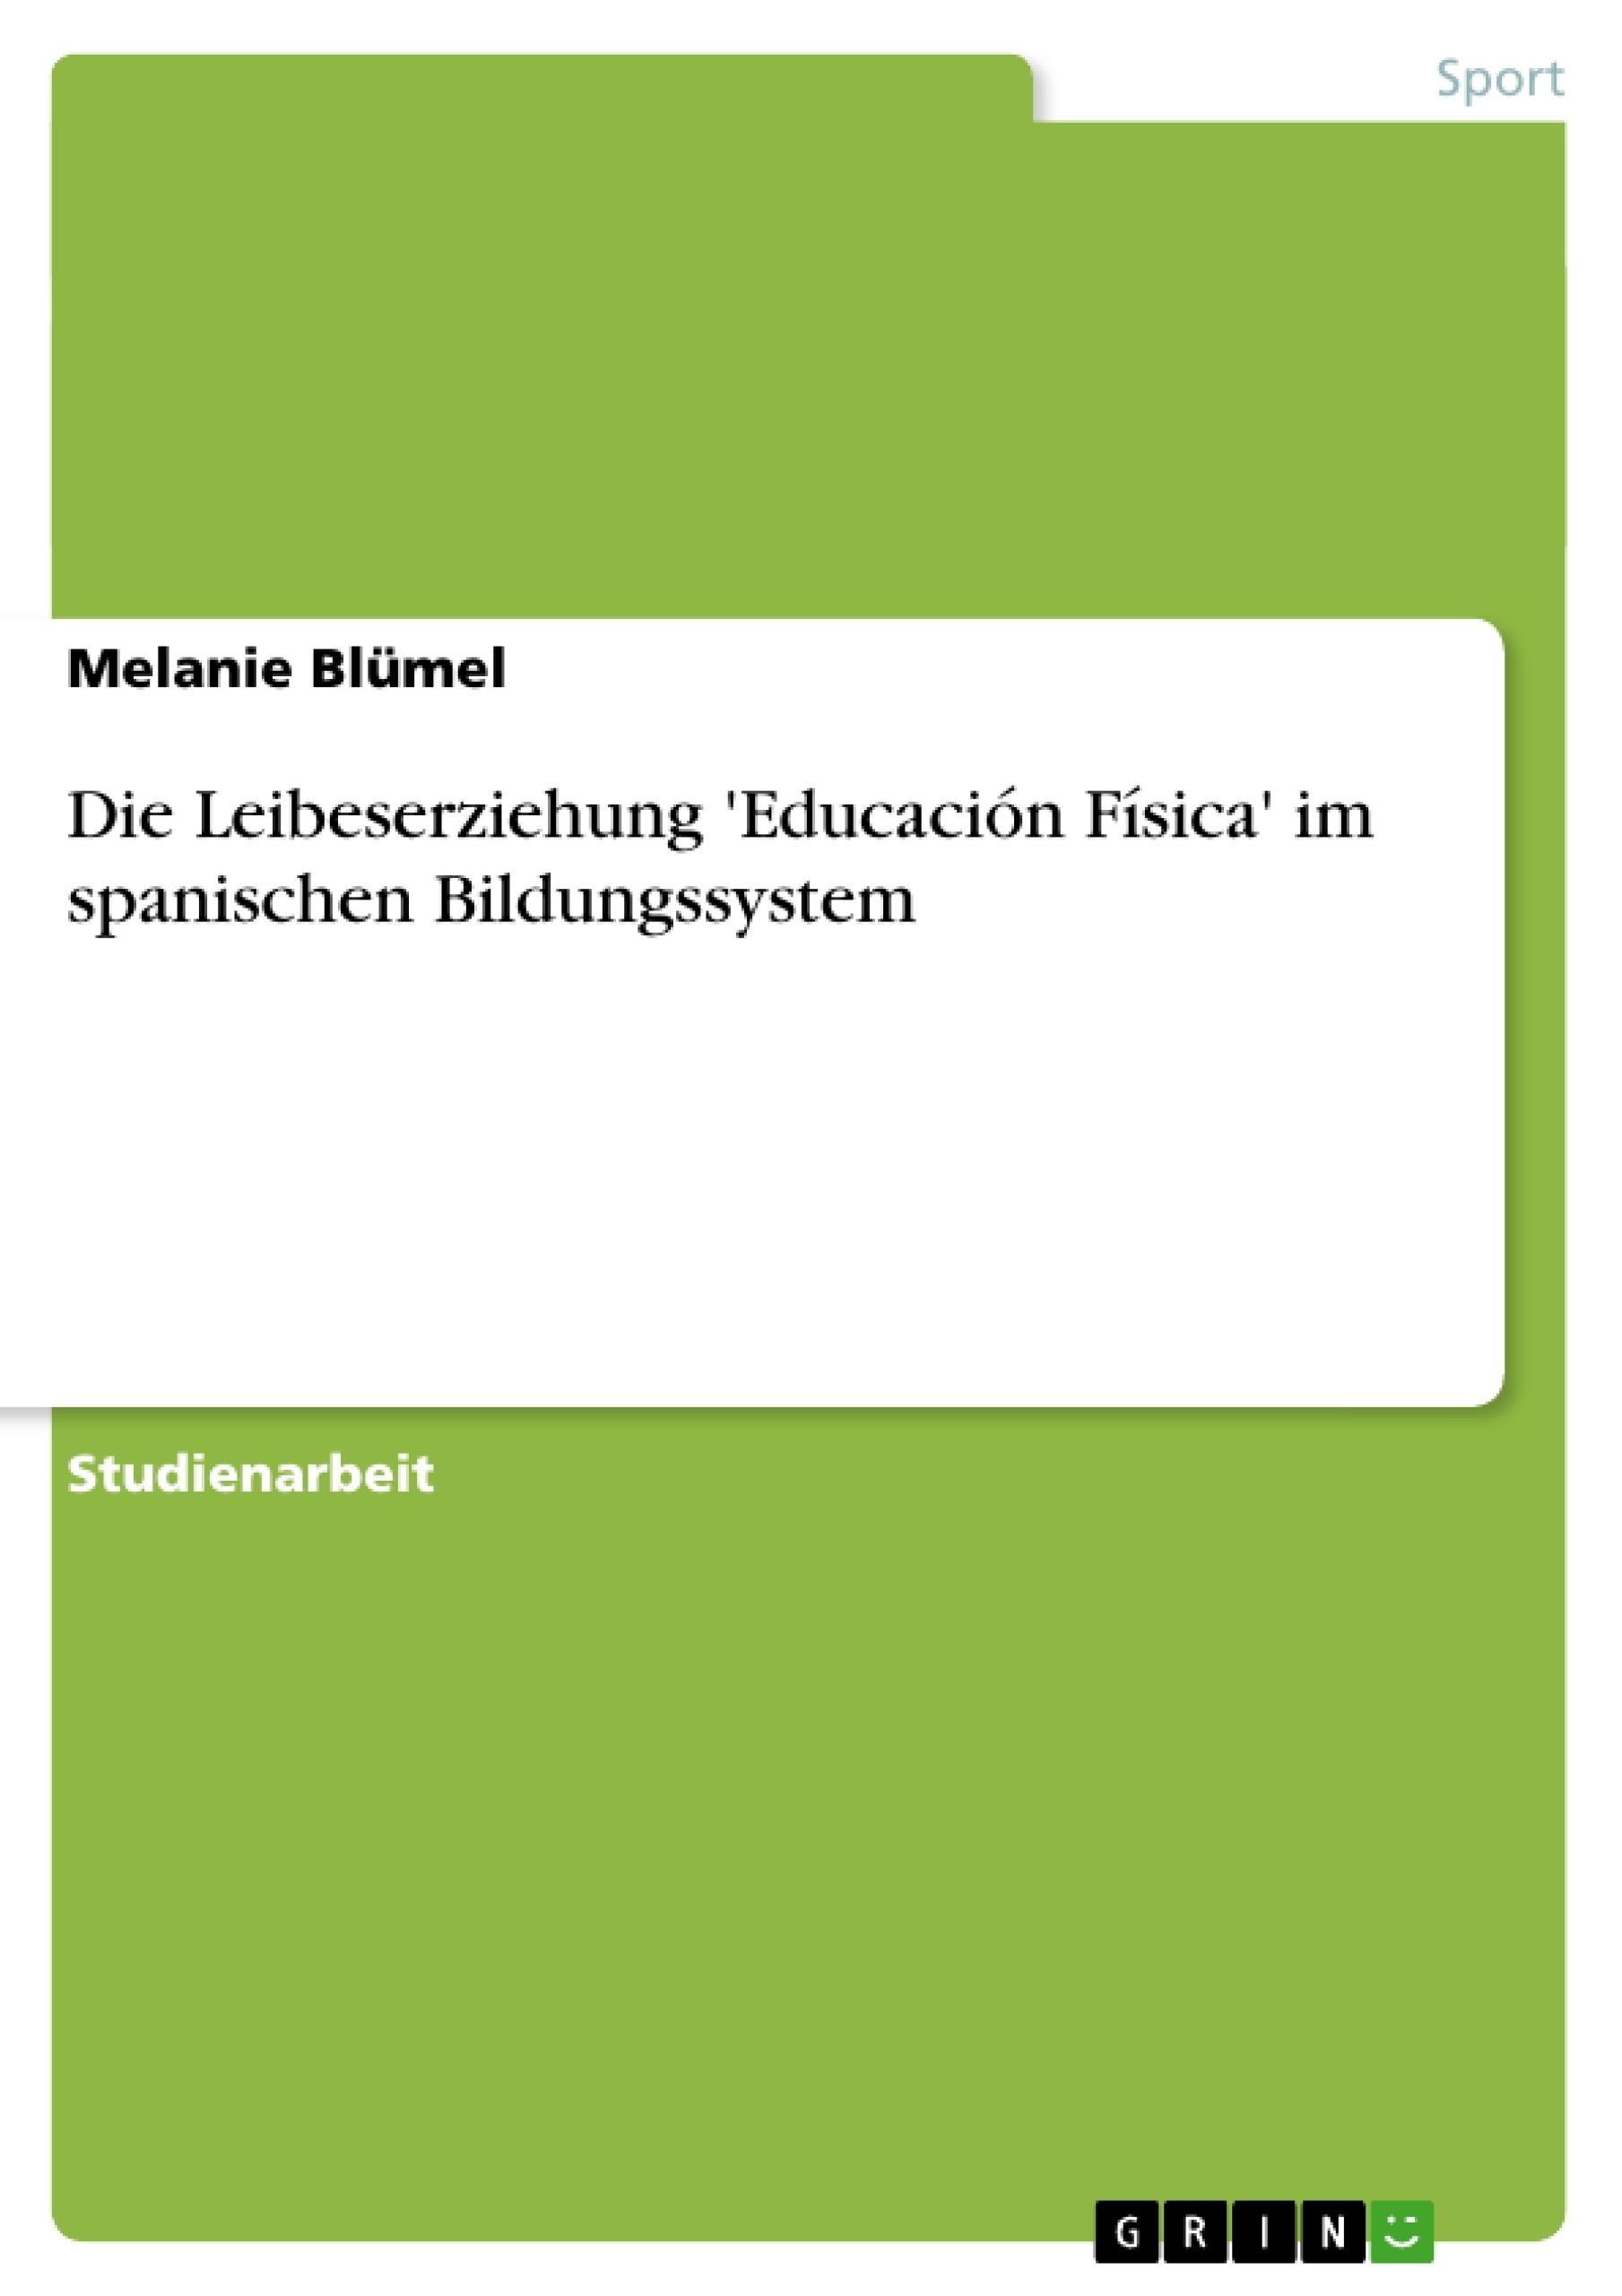 Titel: Die Leibeserziehung 'Educación Física' im spanischen Bildungssystem